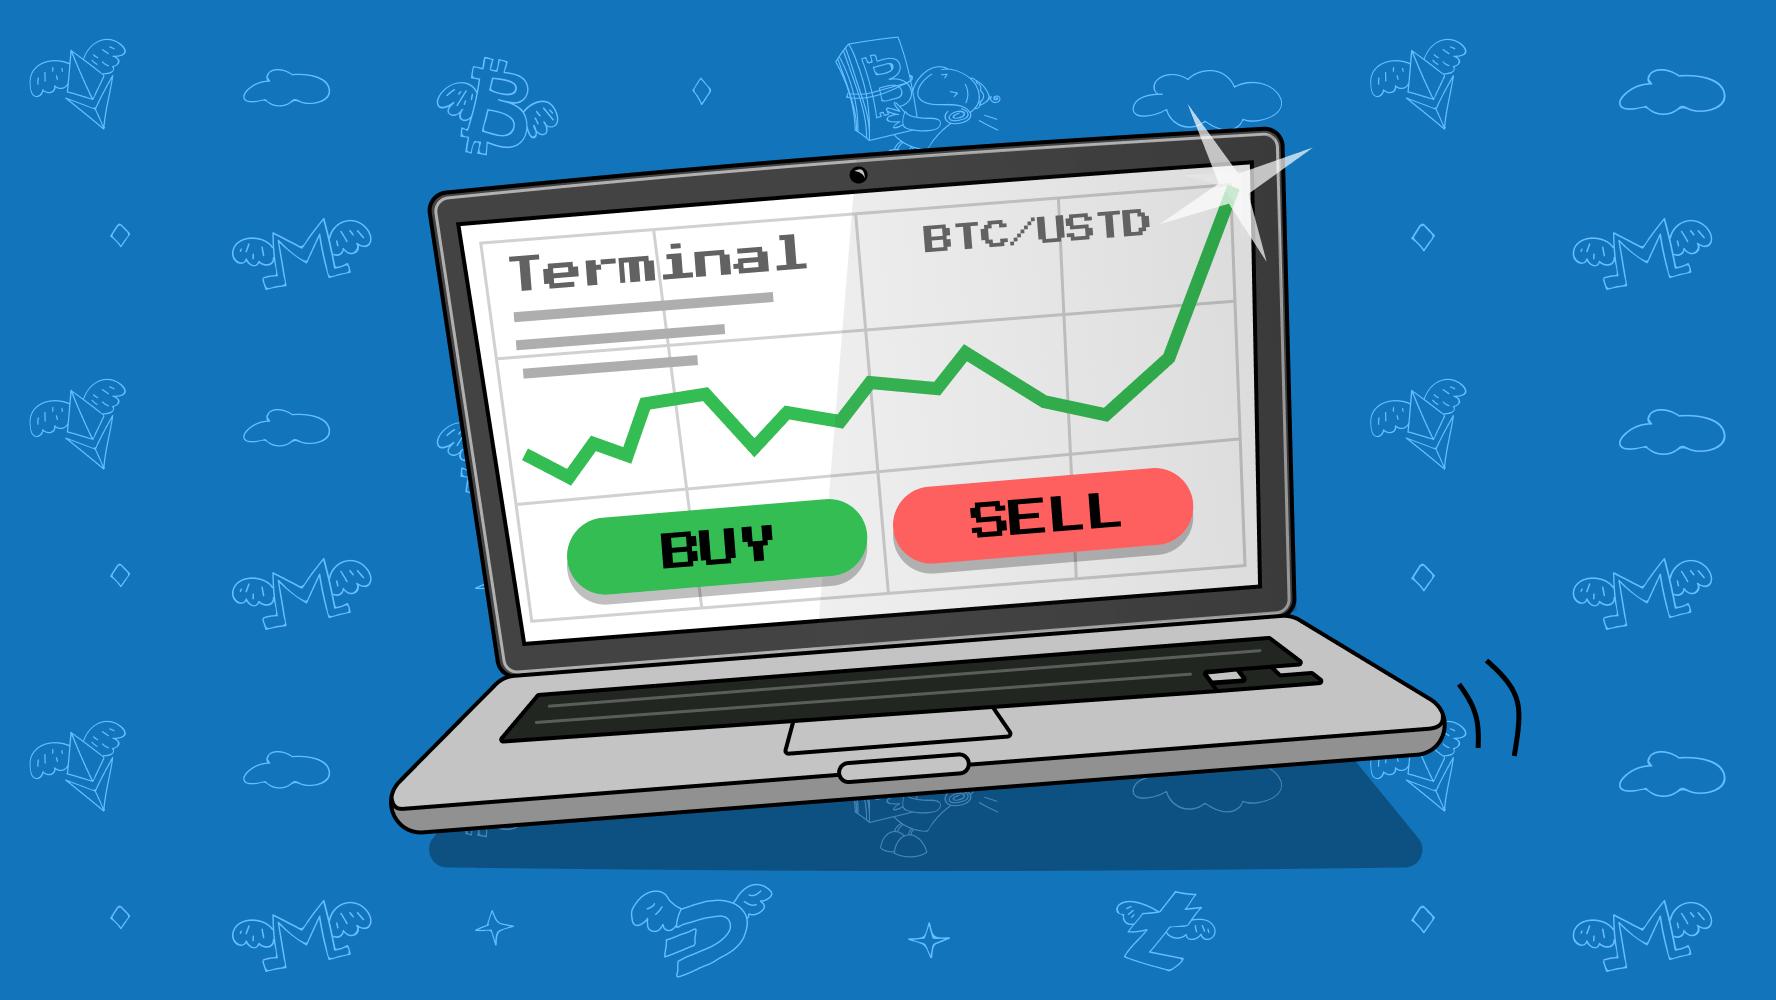 bitcoin trading terminal